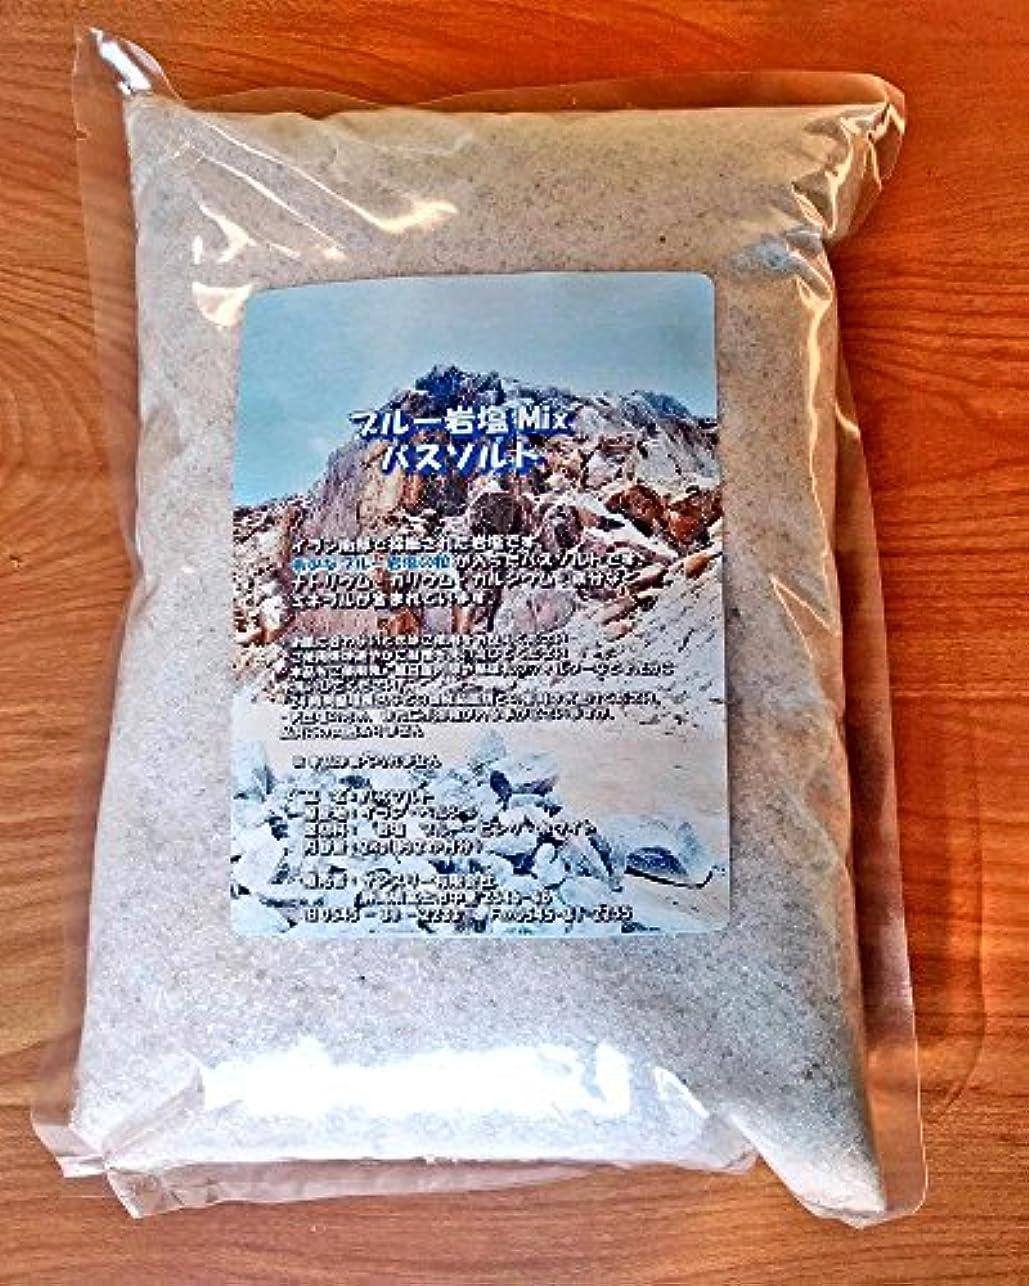 未来ファックス発疹ブルー岩塩Mixバスソルト2kg